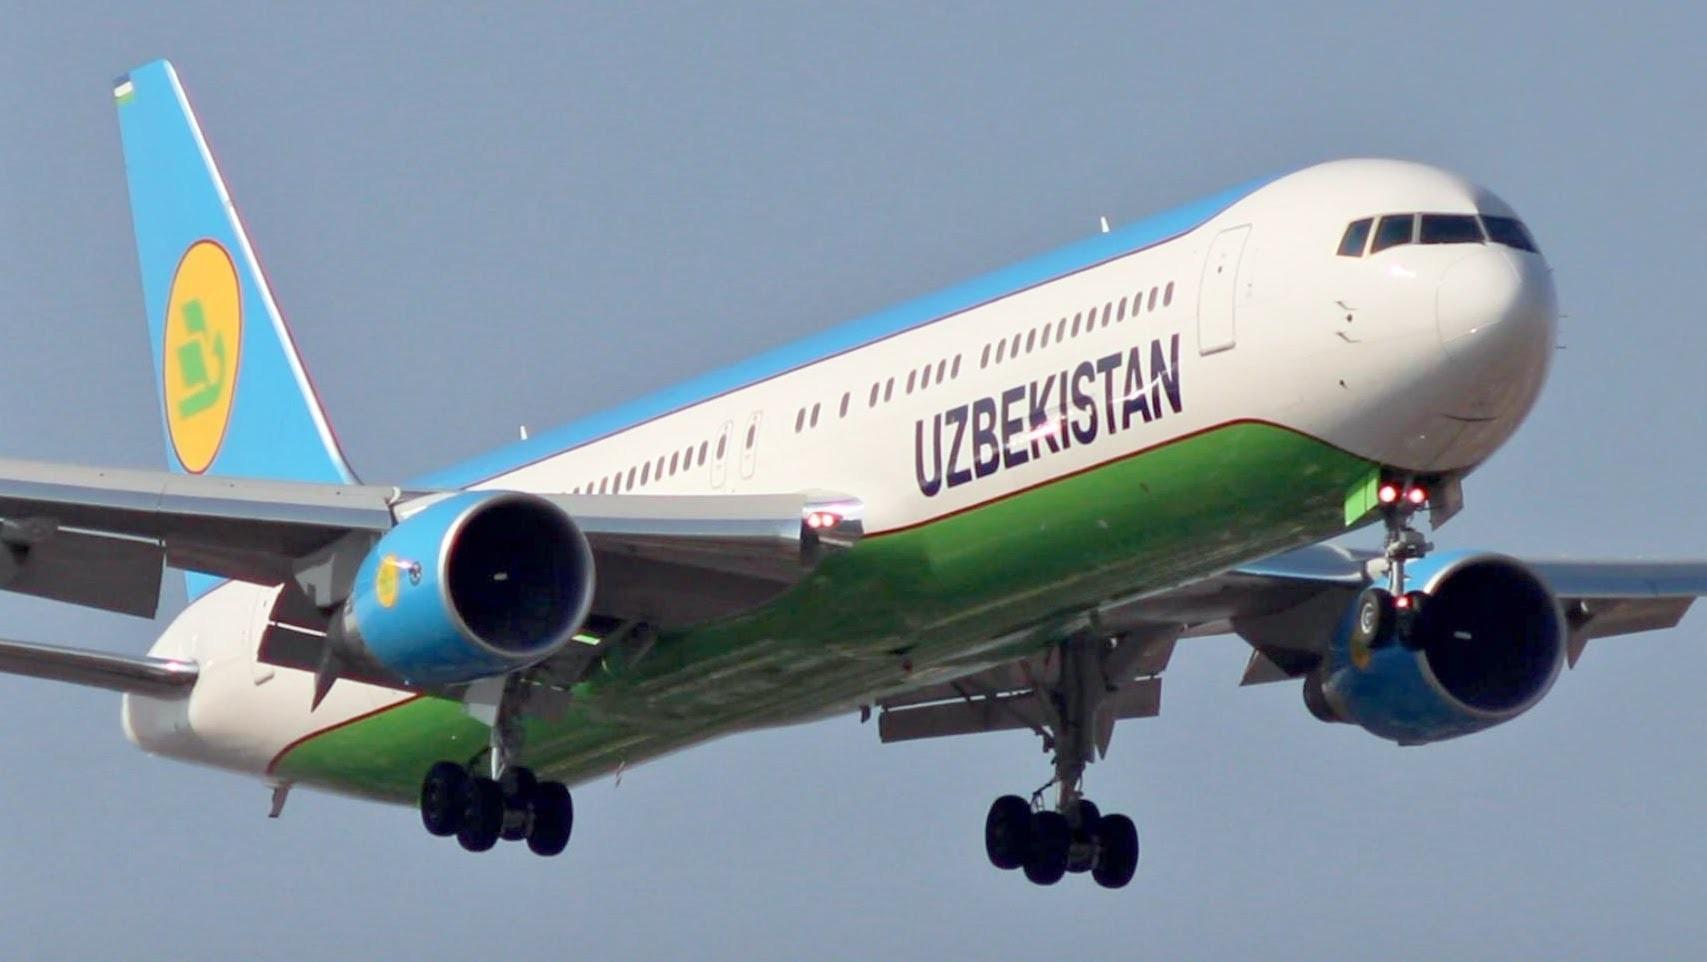 В северной столице совершил аварийную посадку «Боинг-737» сзагоревшимся агрегатом